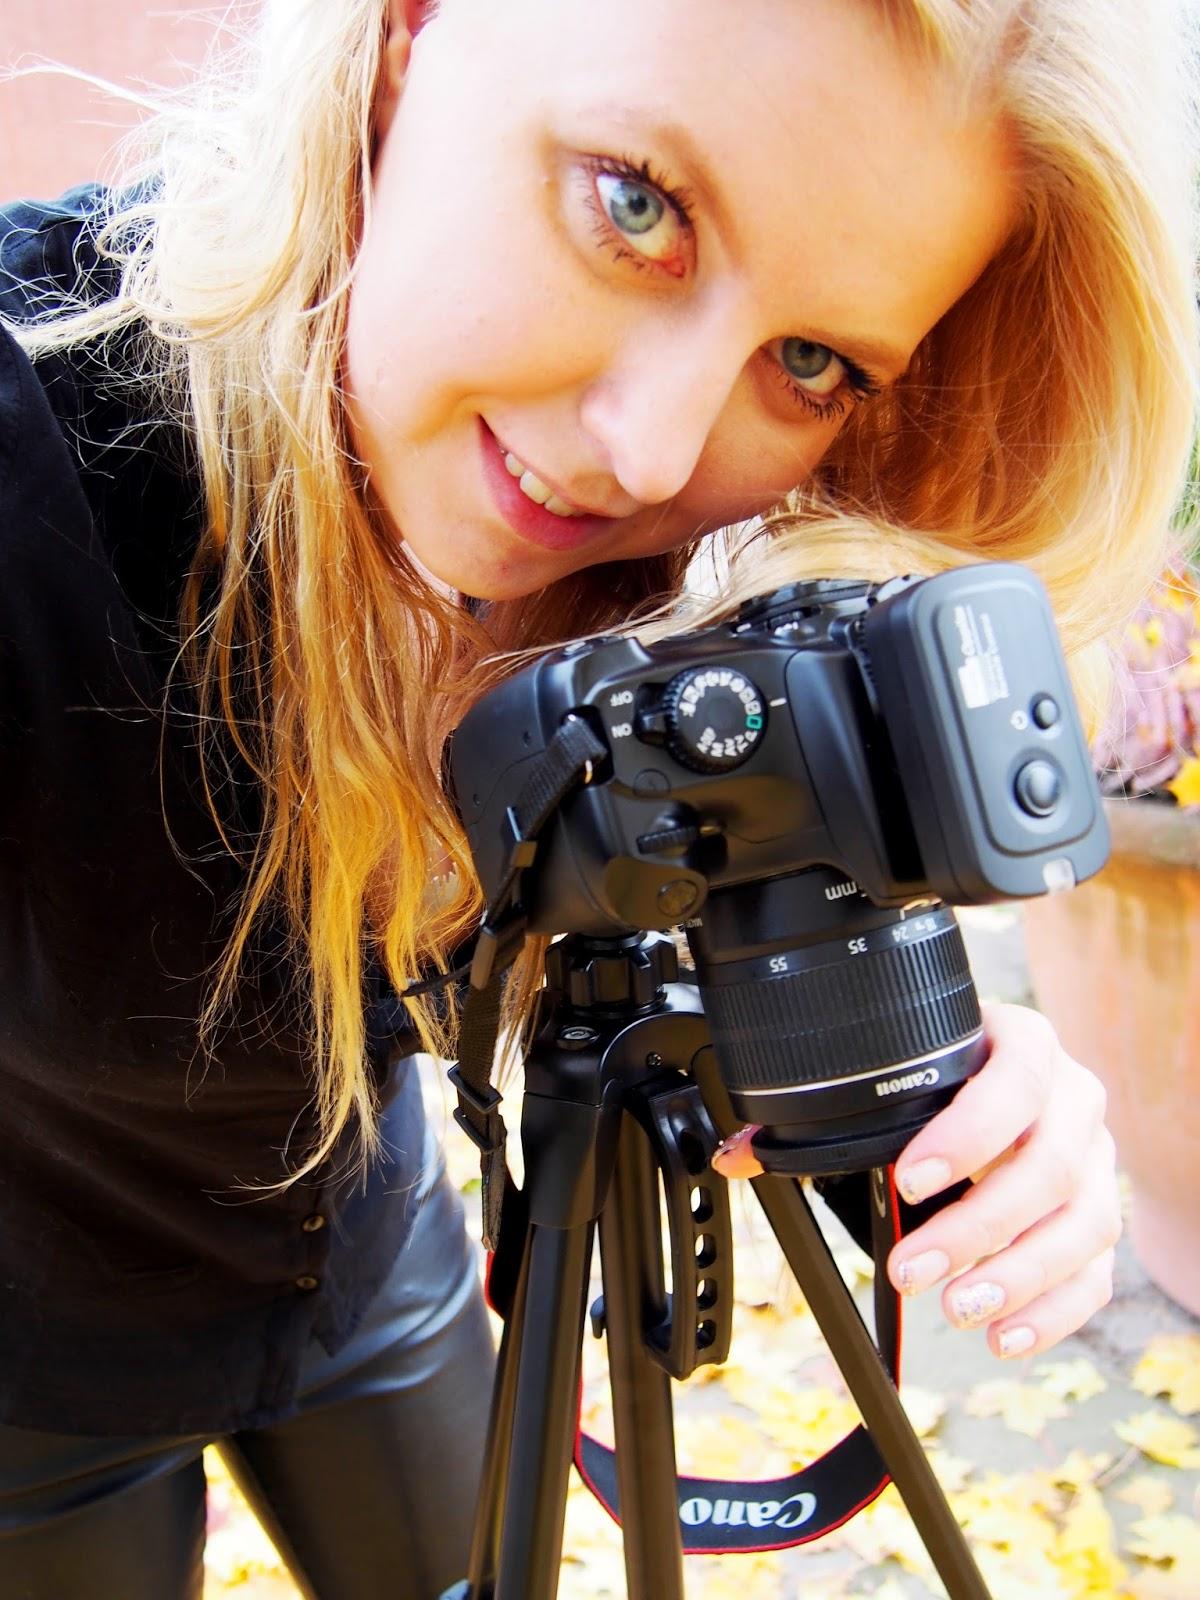 olympus, pen, photoshoot, blogger, asus, post, review, arvostelu, kamera, tabletti, loistava, edullinen, some, sosiaalinen, media, instagram, kääntyvä, näyttä, e-pl, 6, pen, lite